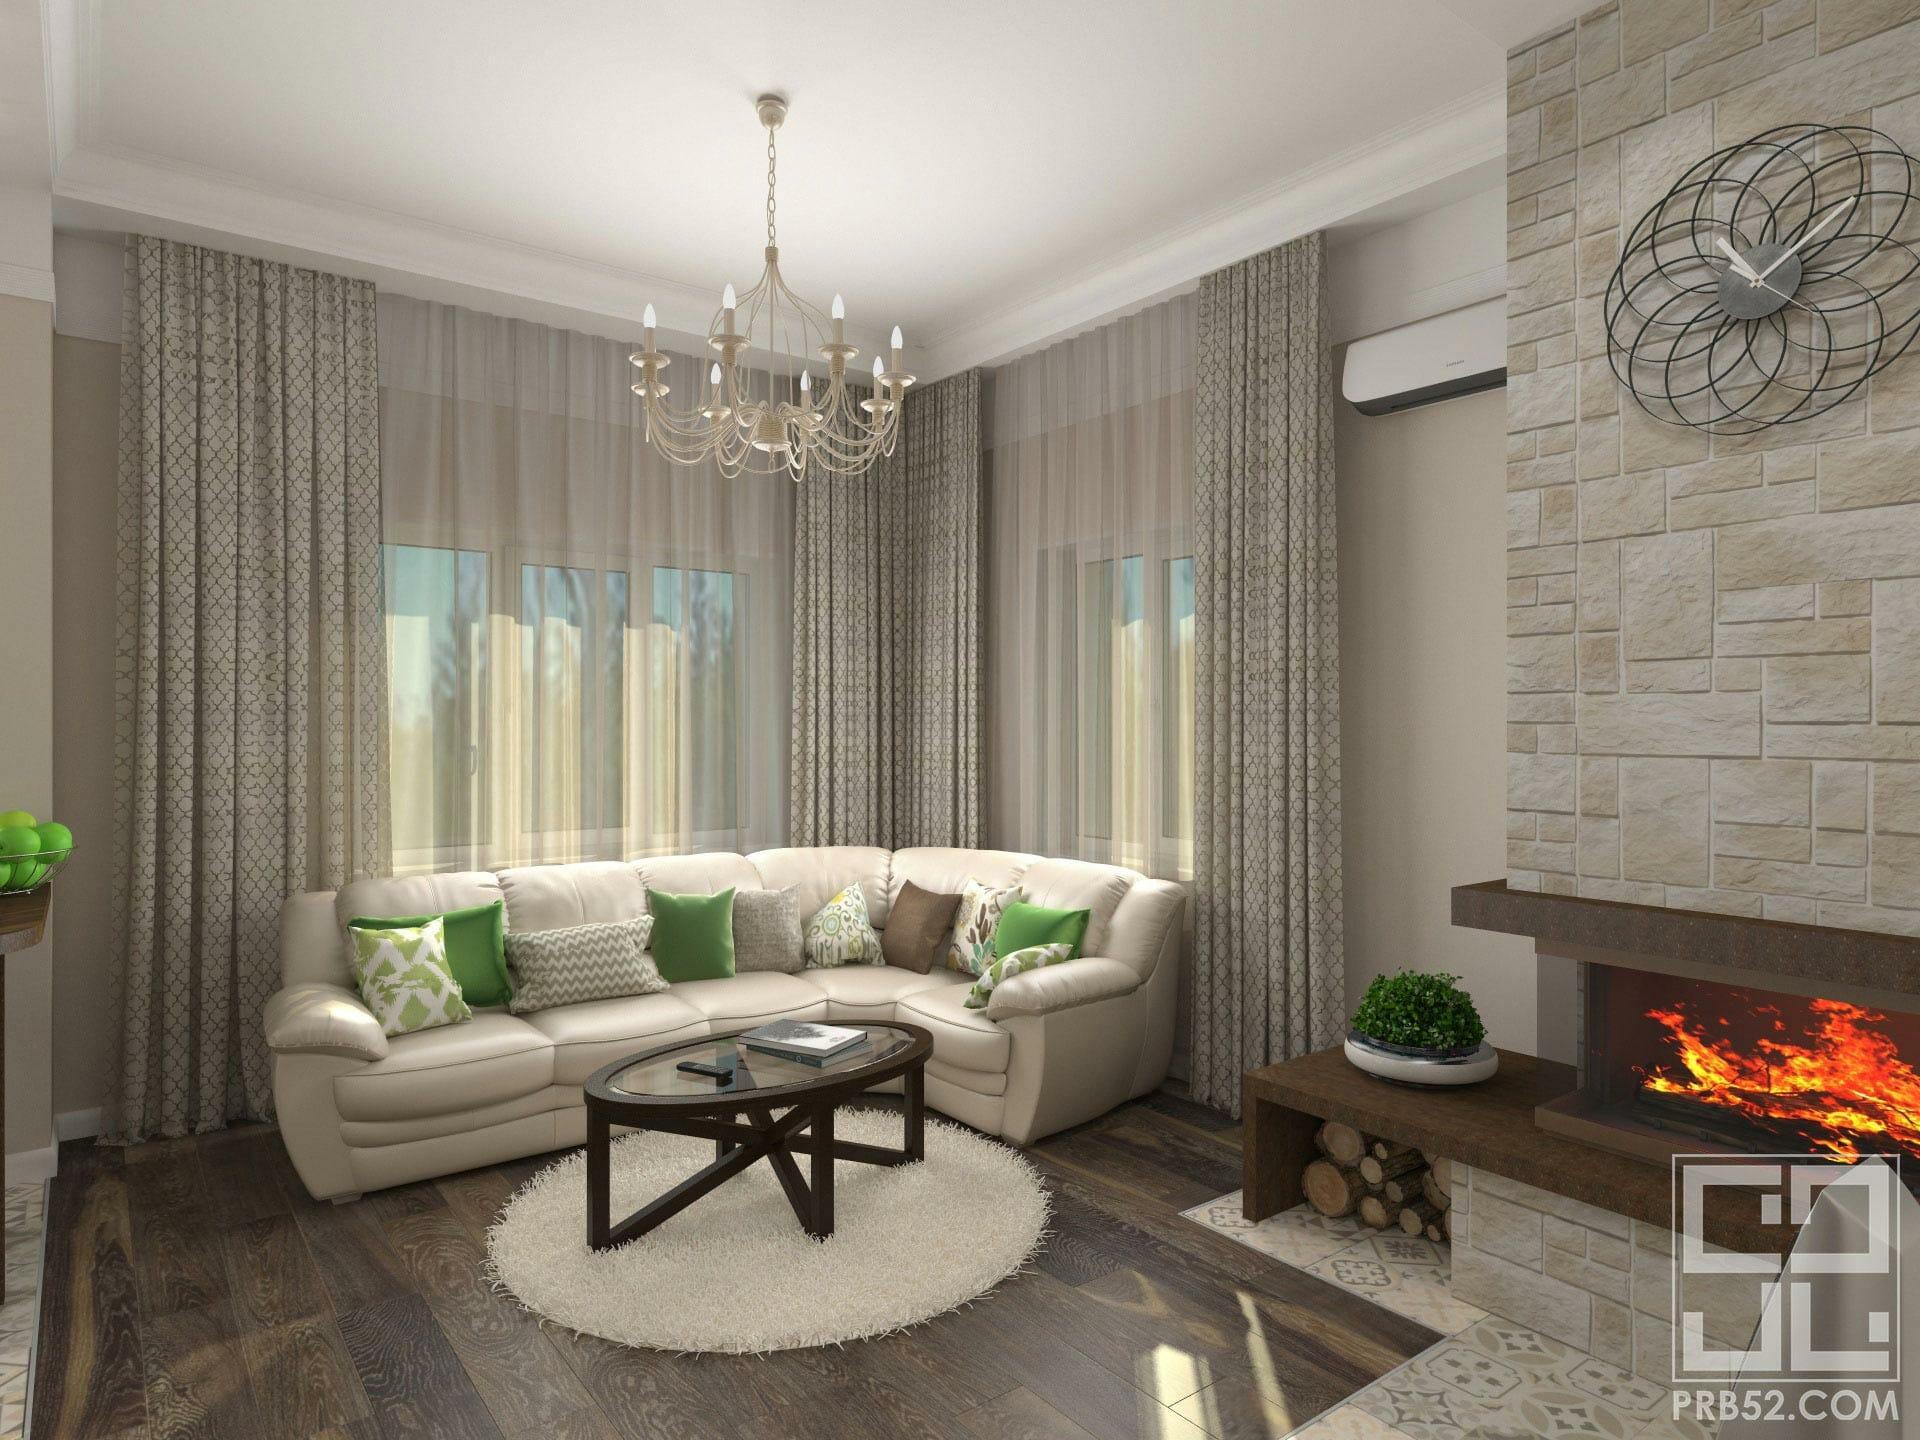 дизайн интерьера гостиной в частном доме